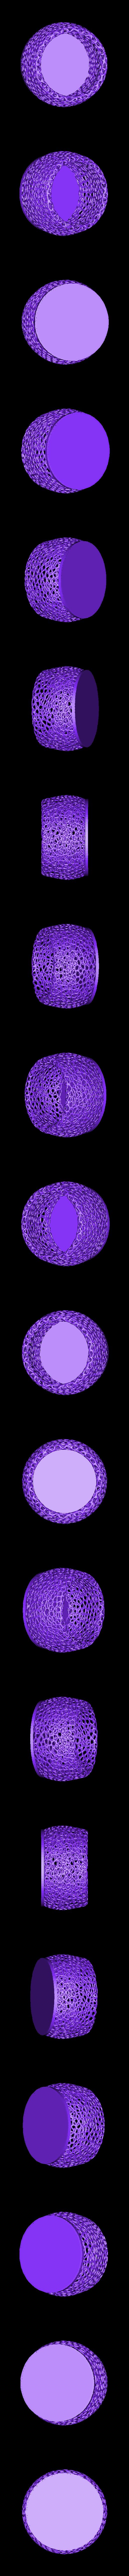 Tealight-small-voro.stl Télécharger fichier STL gratuit Petite bougie chauffe-plat voronoi ( pour lumières LED et bougies chauffe-plat réelles) • Design pour impression 3D, Peter-Jan